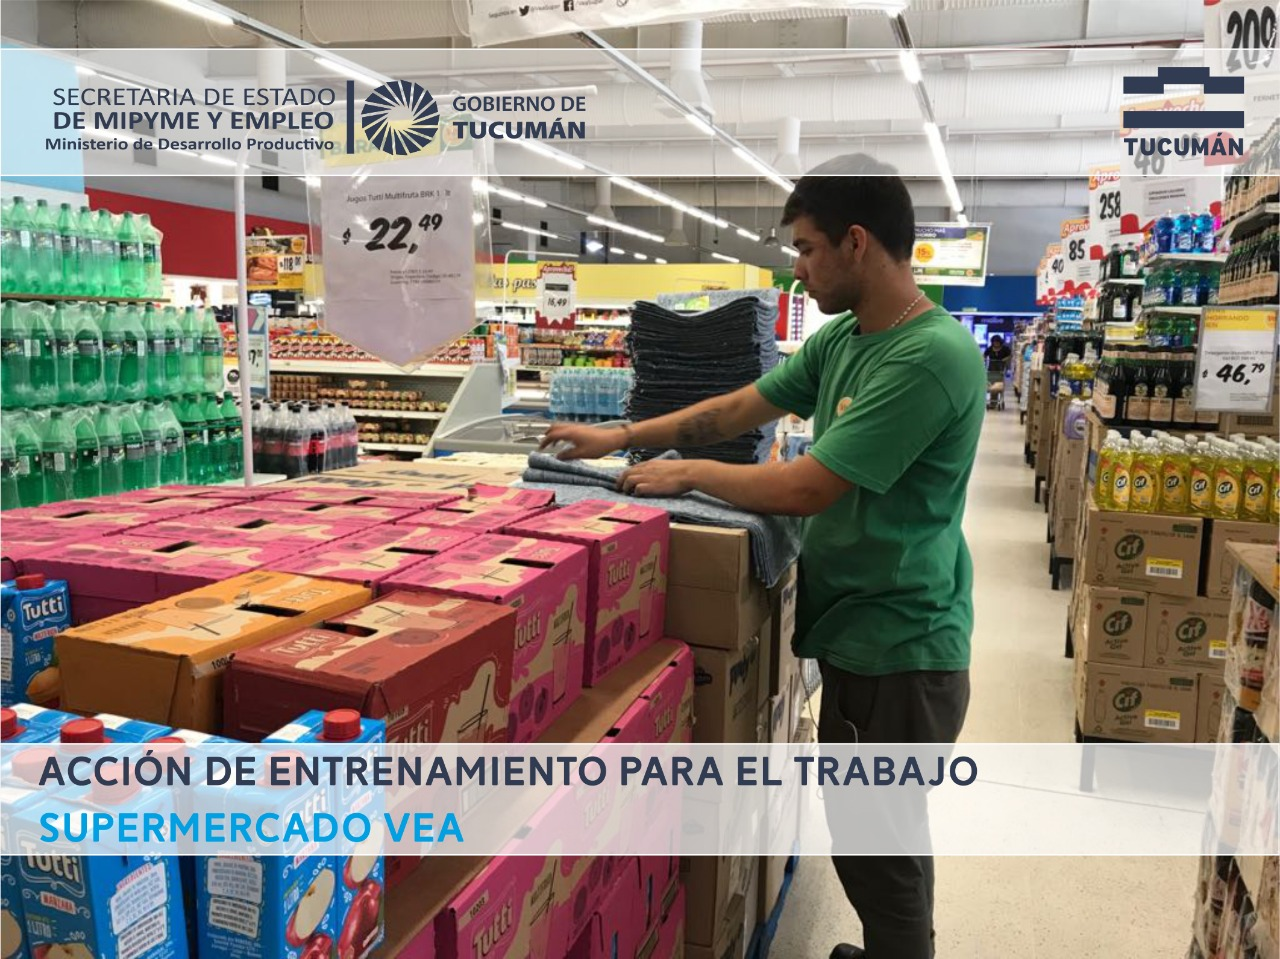 Entrenamiento Laboral en importante cadena de Supermercado